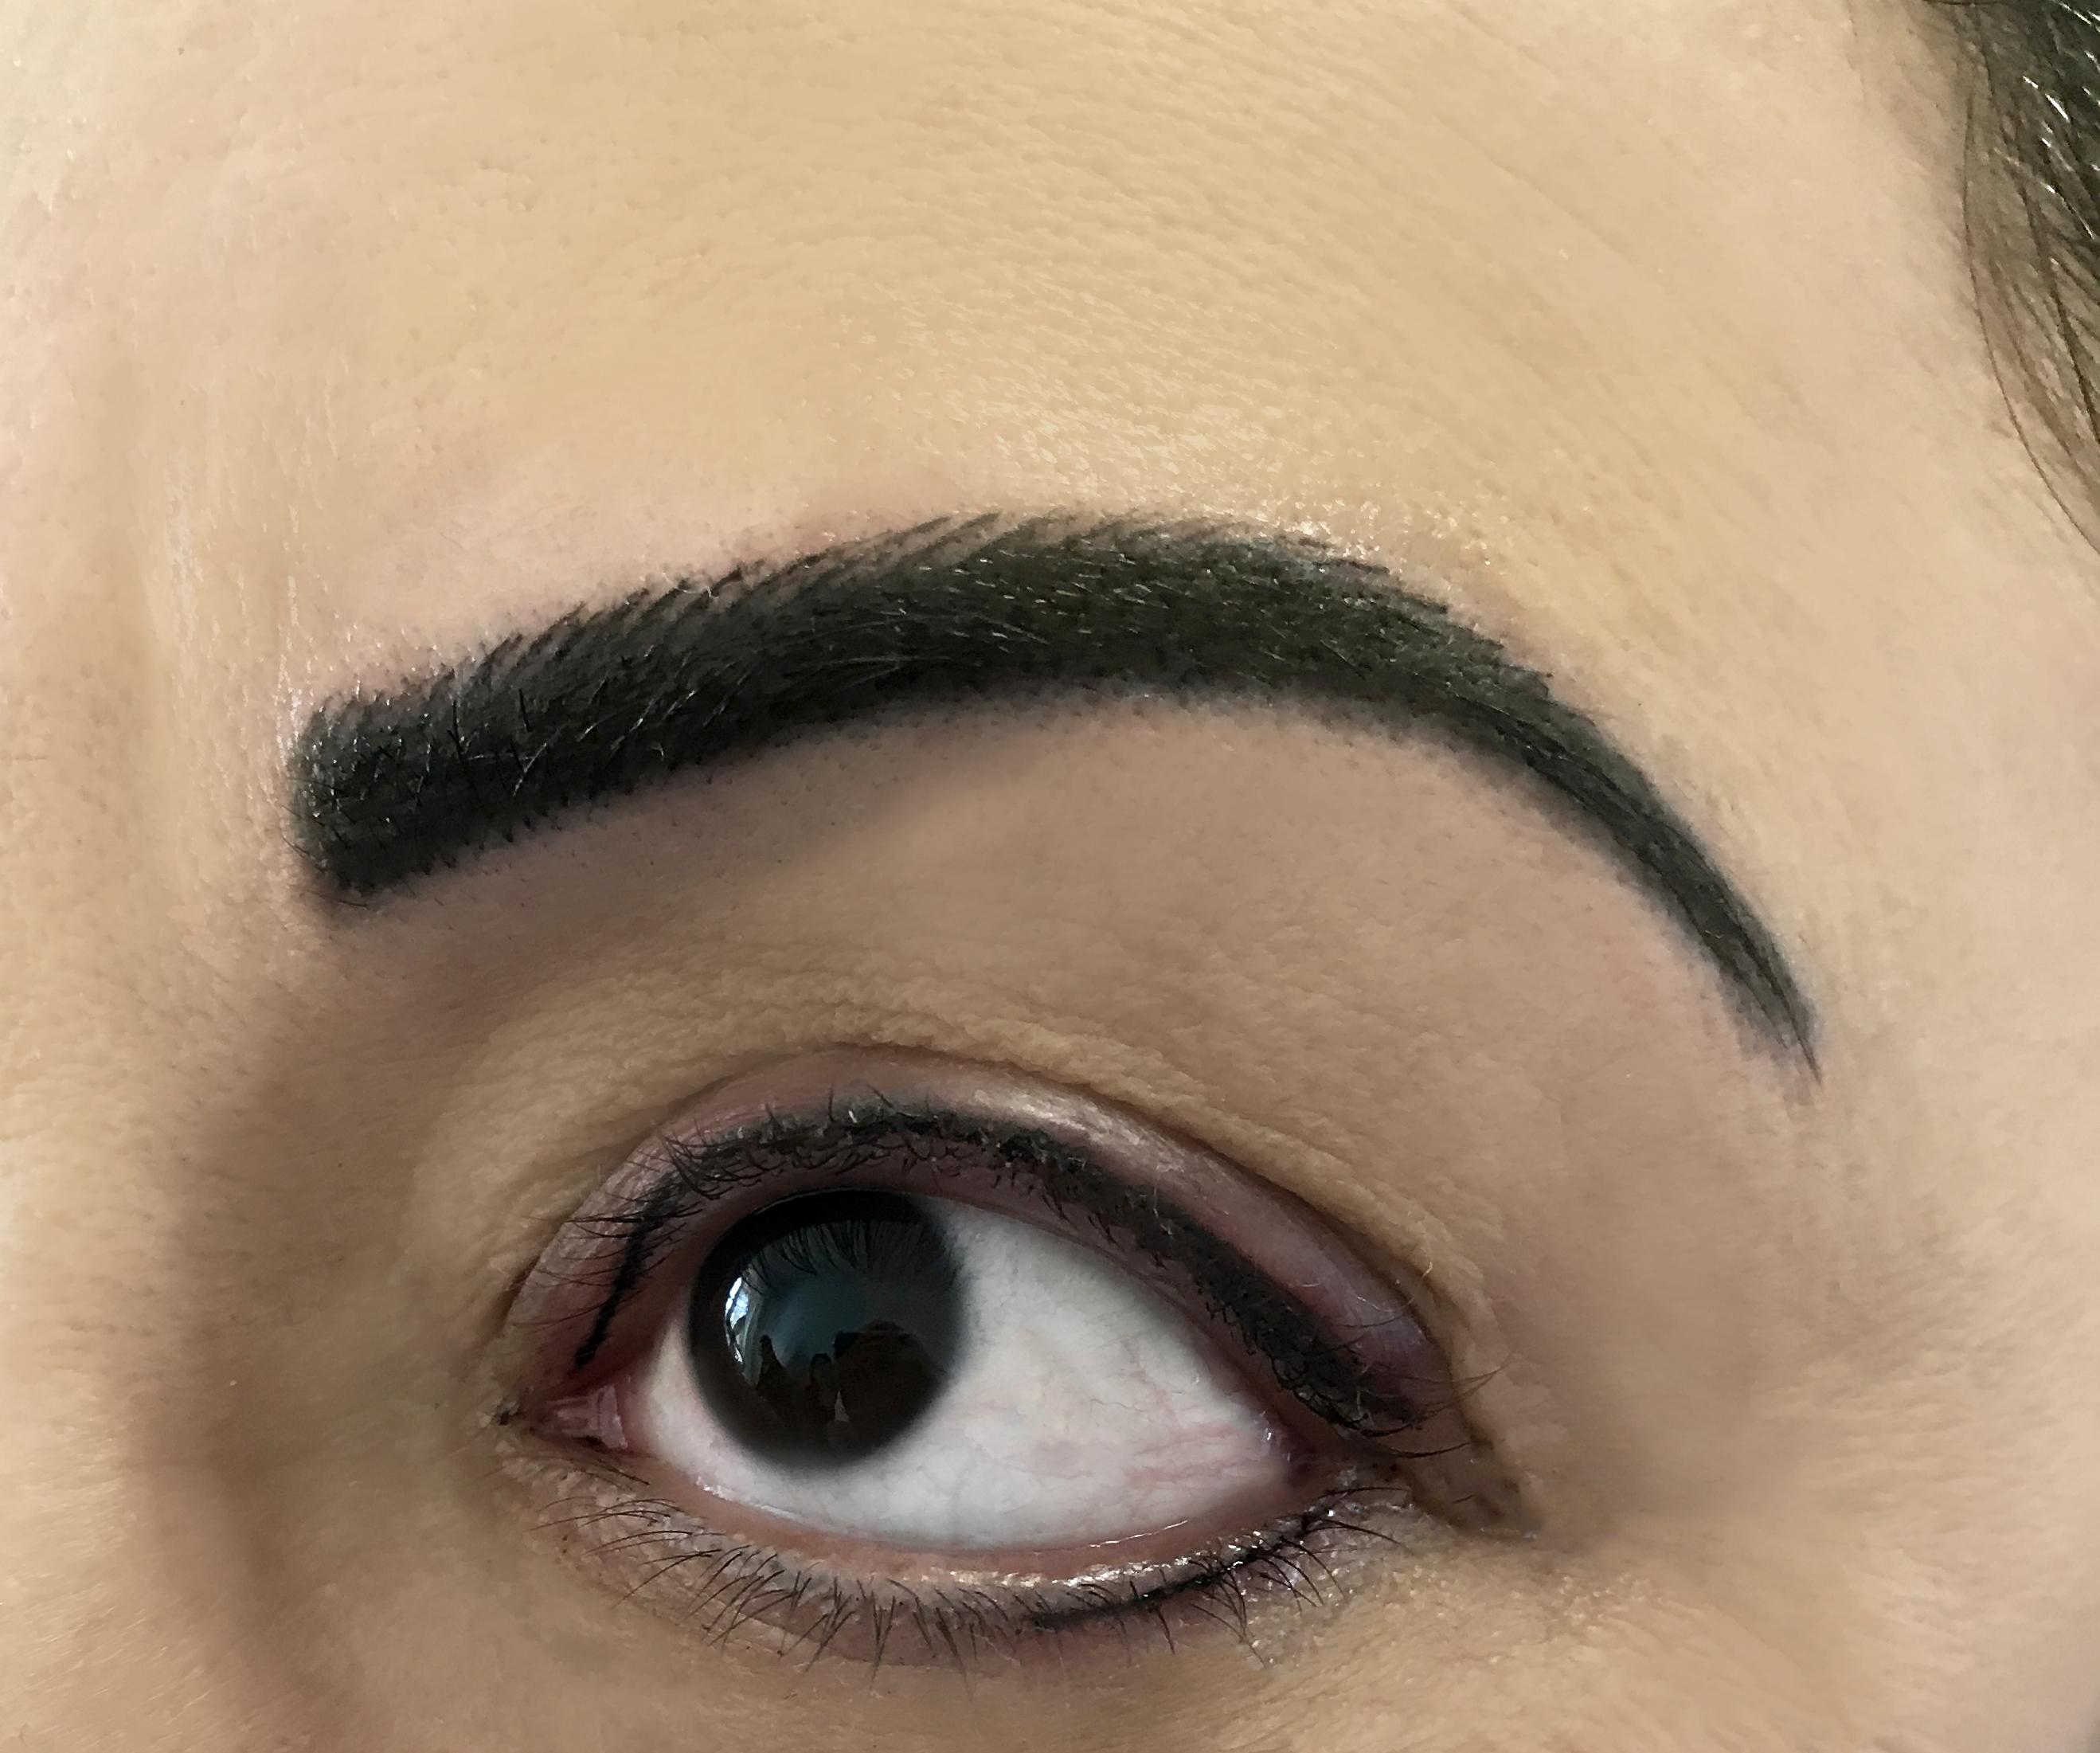 Permanent Make Up Augenbrauen Härchenzeichnung im Studio Dortmund. Rita Dib, ausgebildete Beauty Lin